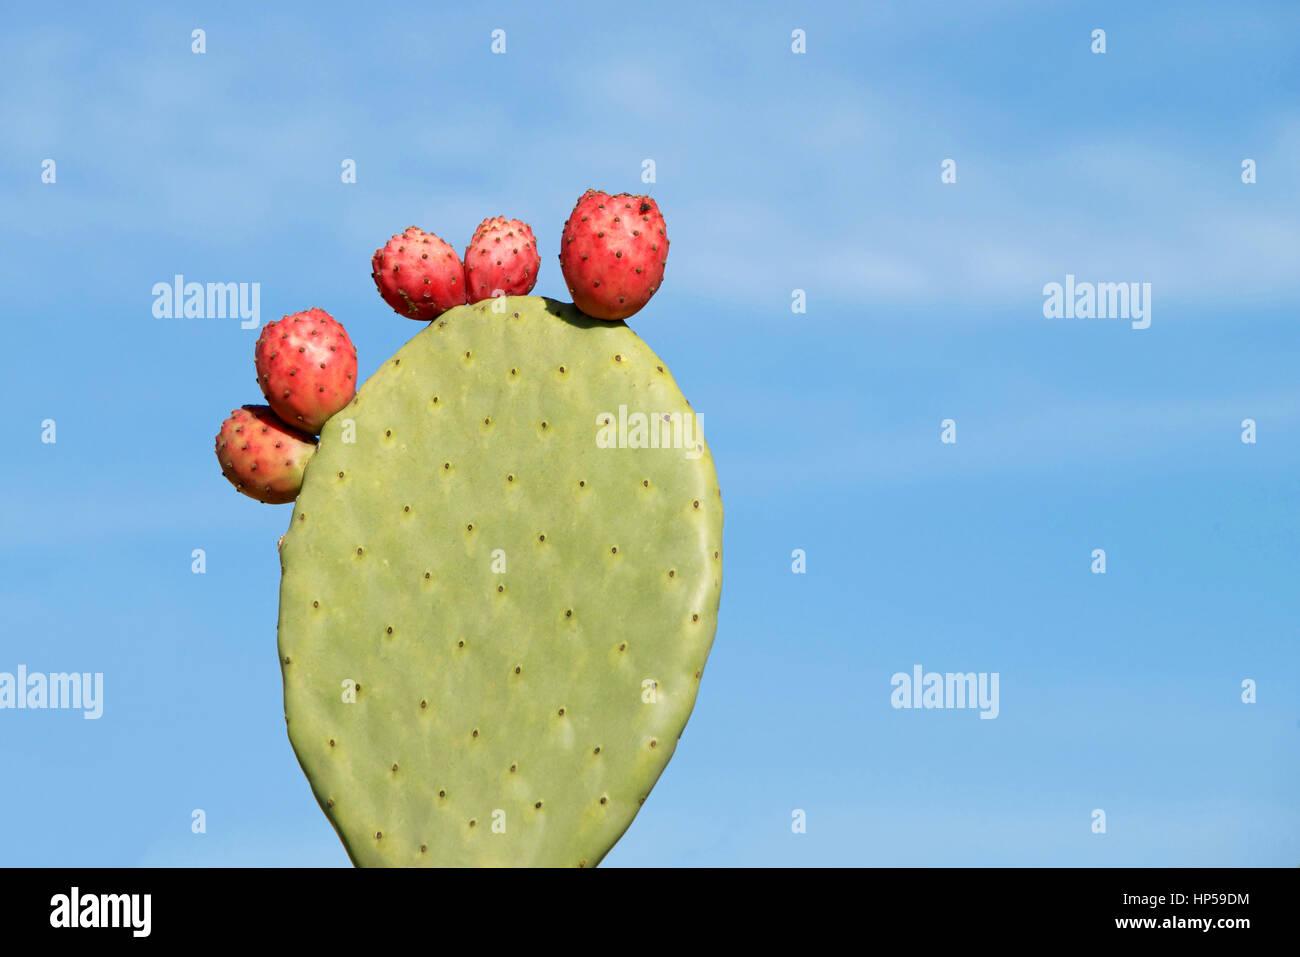 Indische Feigen Opuntia Kaktus, der Begriff Feigenkaktus ist die am weitesten verbreitete Bezeichnung dafür. Stockbild